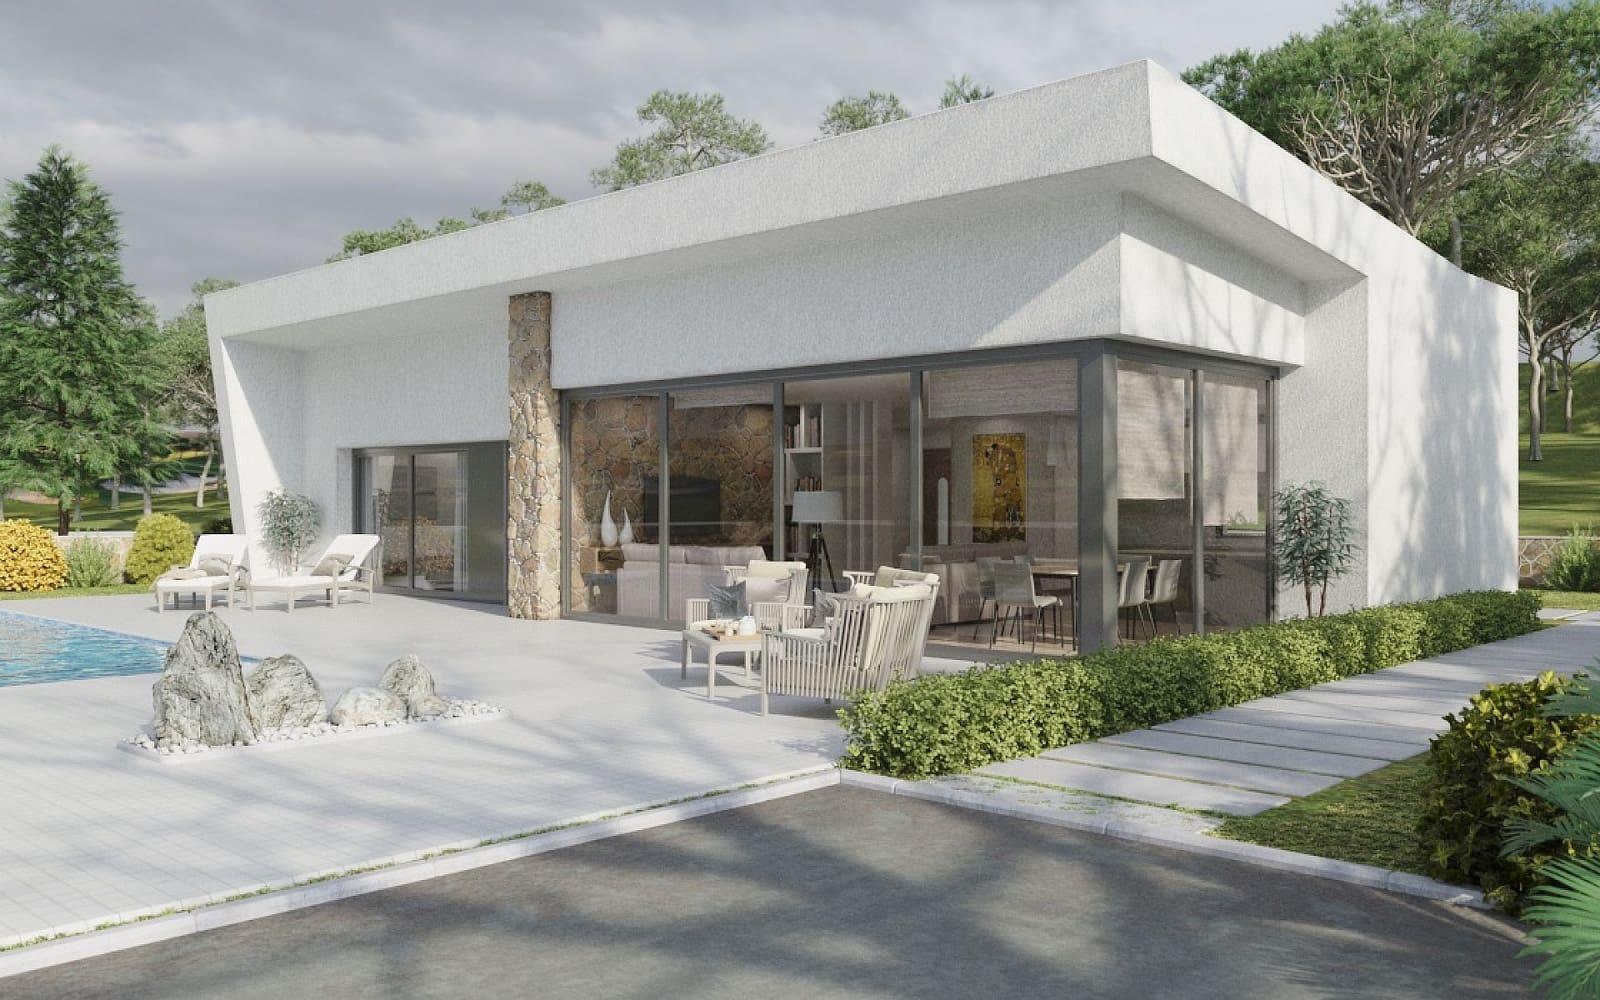 3 bedroom Villa for sale in San Miguel de Salinas - € 695,000 (Ref: 4956498)